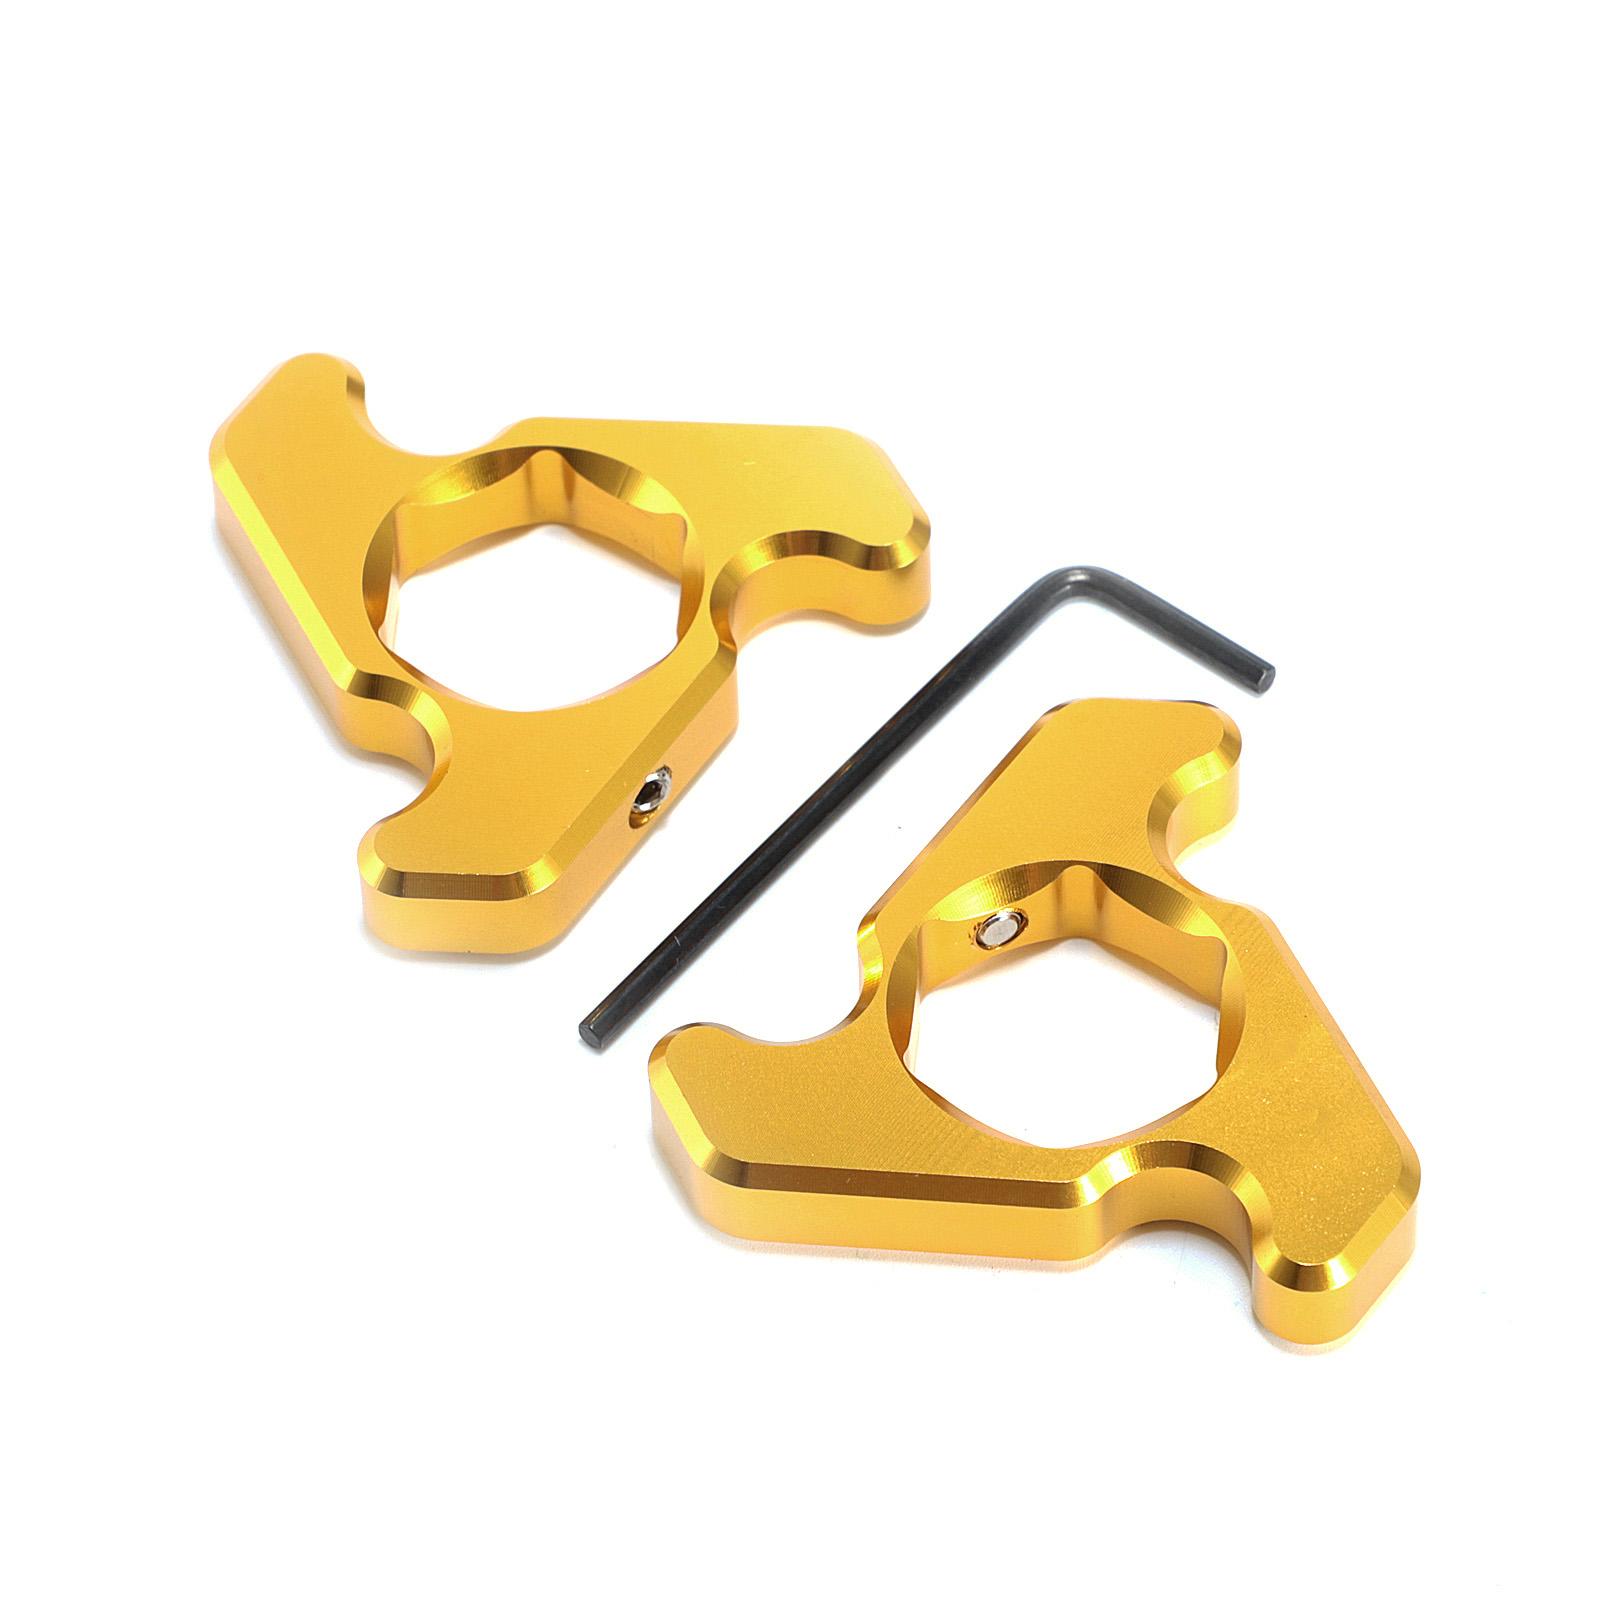 lightech regulators spring fork lock nut preload mv agusta f4 oro